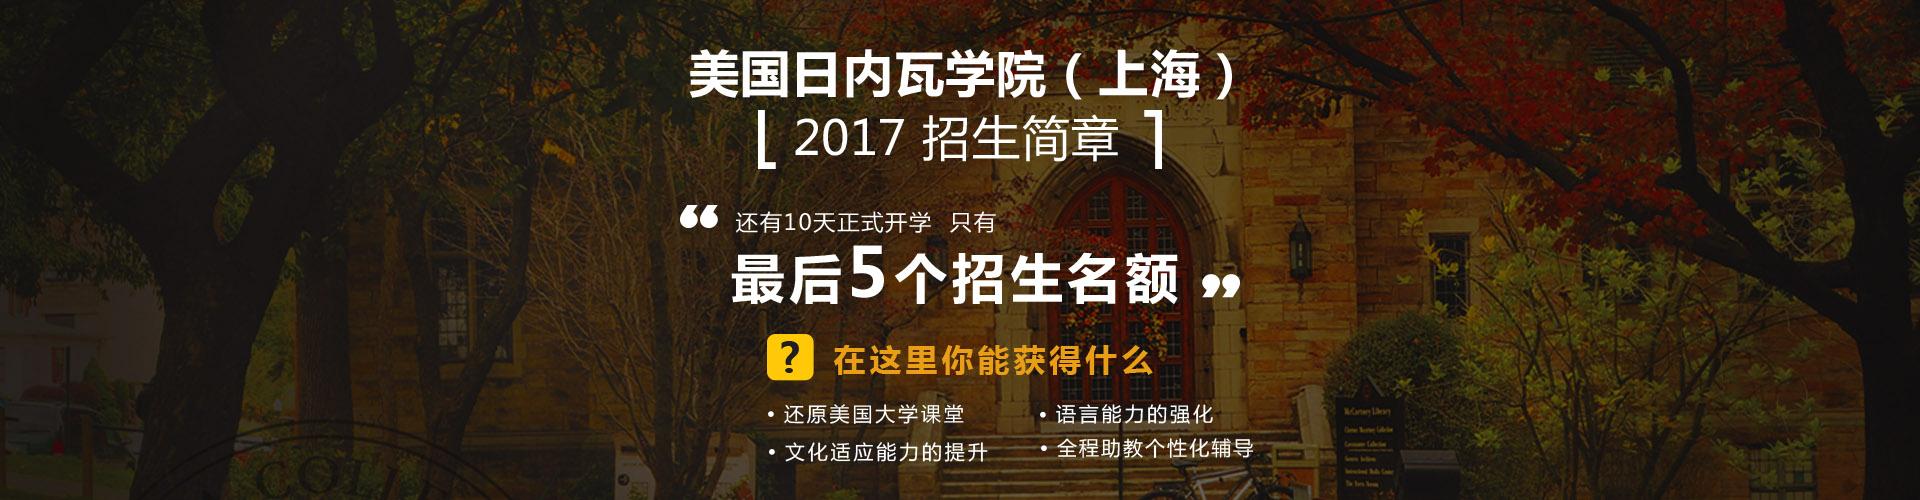 美国日内瓦大学(上海)校园开放日将在5.19举行!